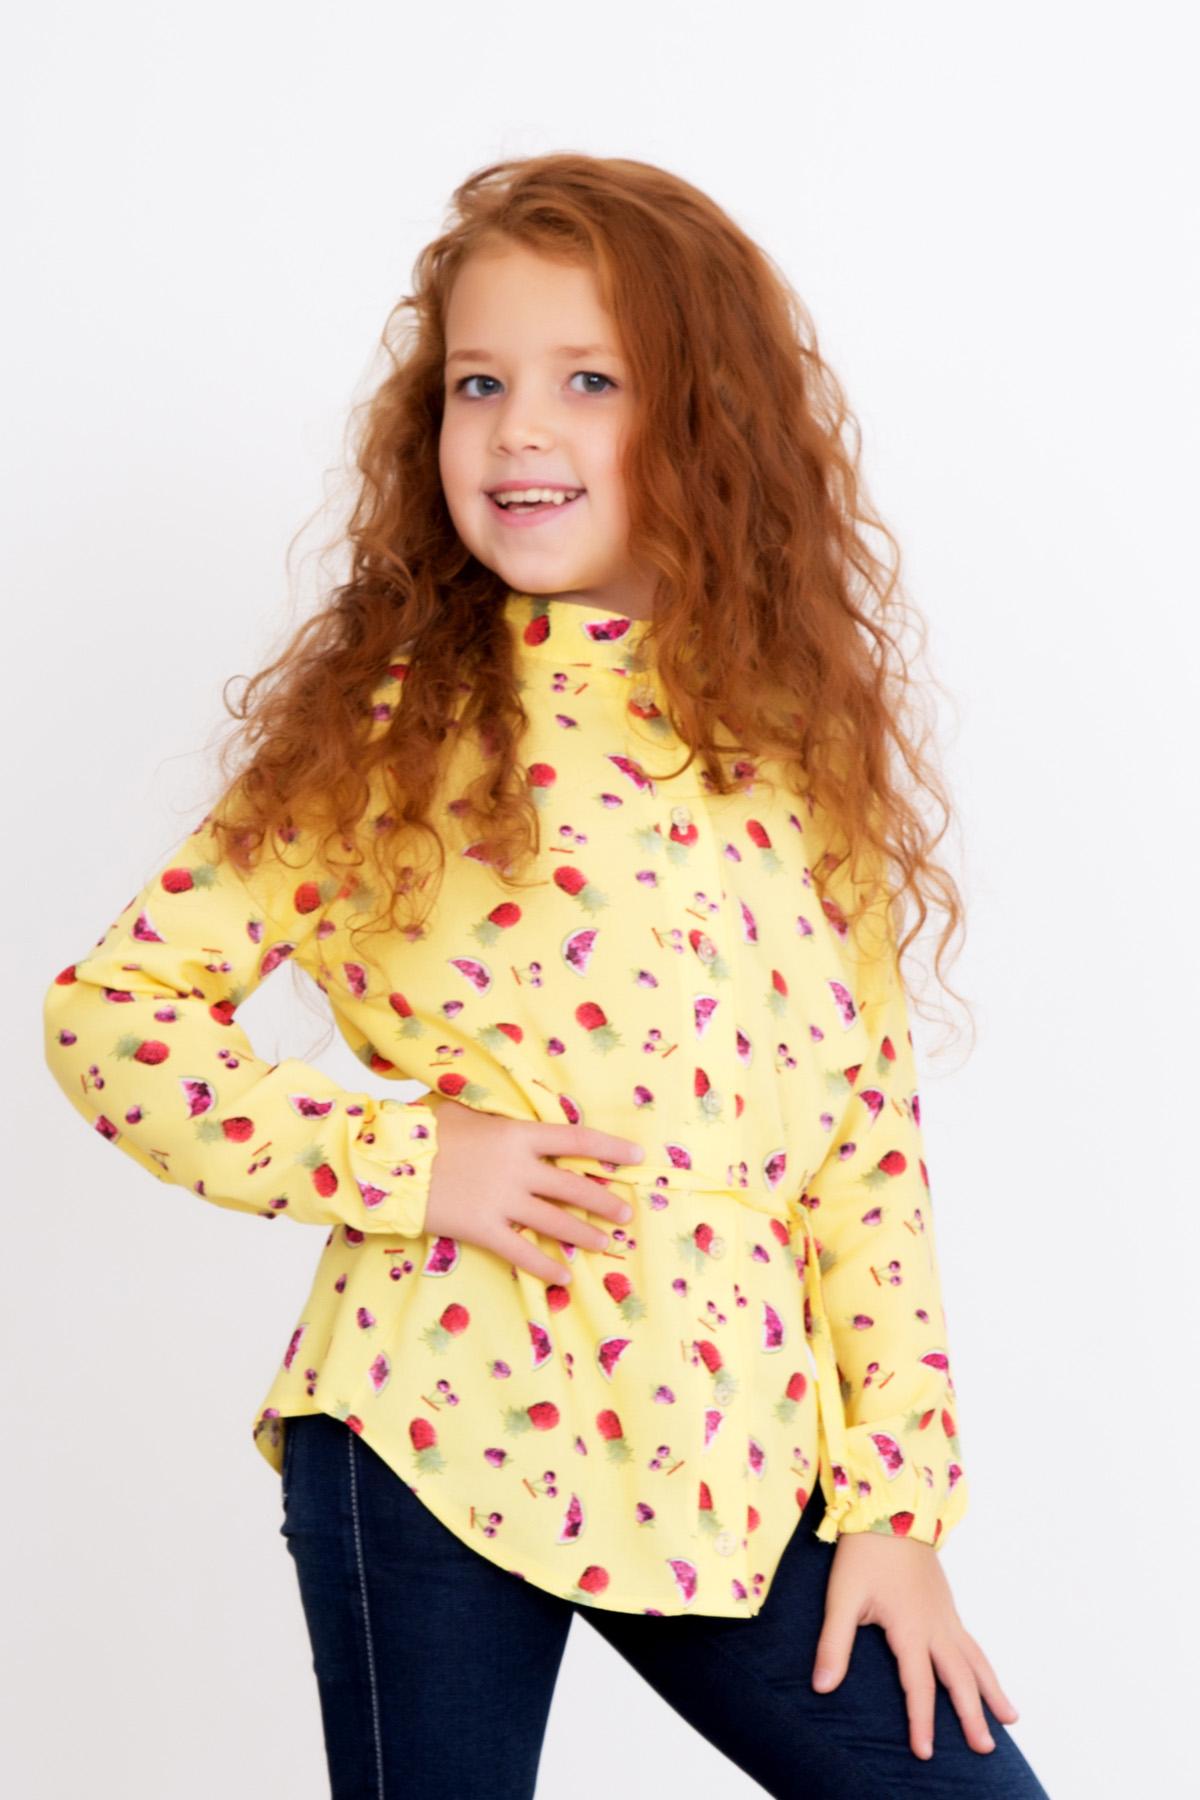 Дет. рубашка Леся р. 32Джемпера и толстовки<br><br><br>Тип: Дет. рубашка<br>Размер: 32<br>Материал: Штапель